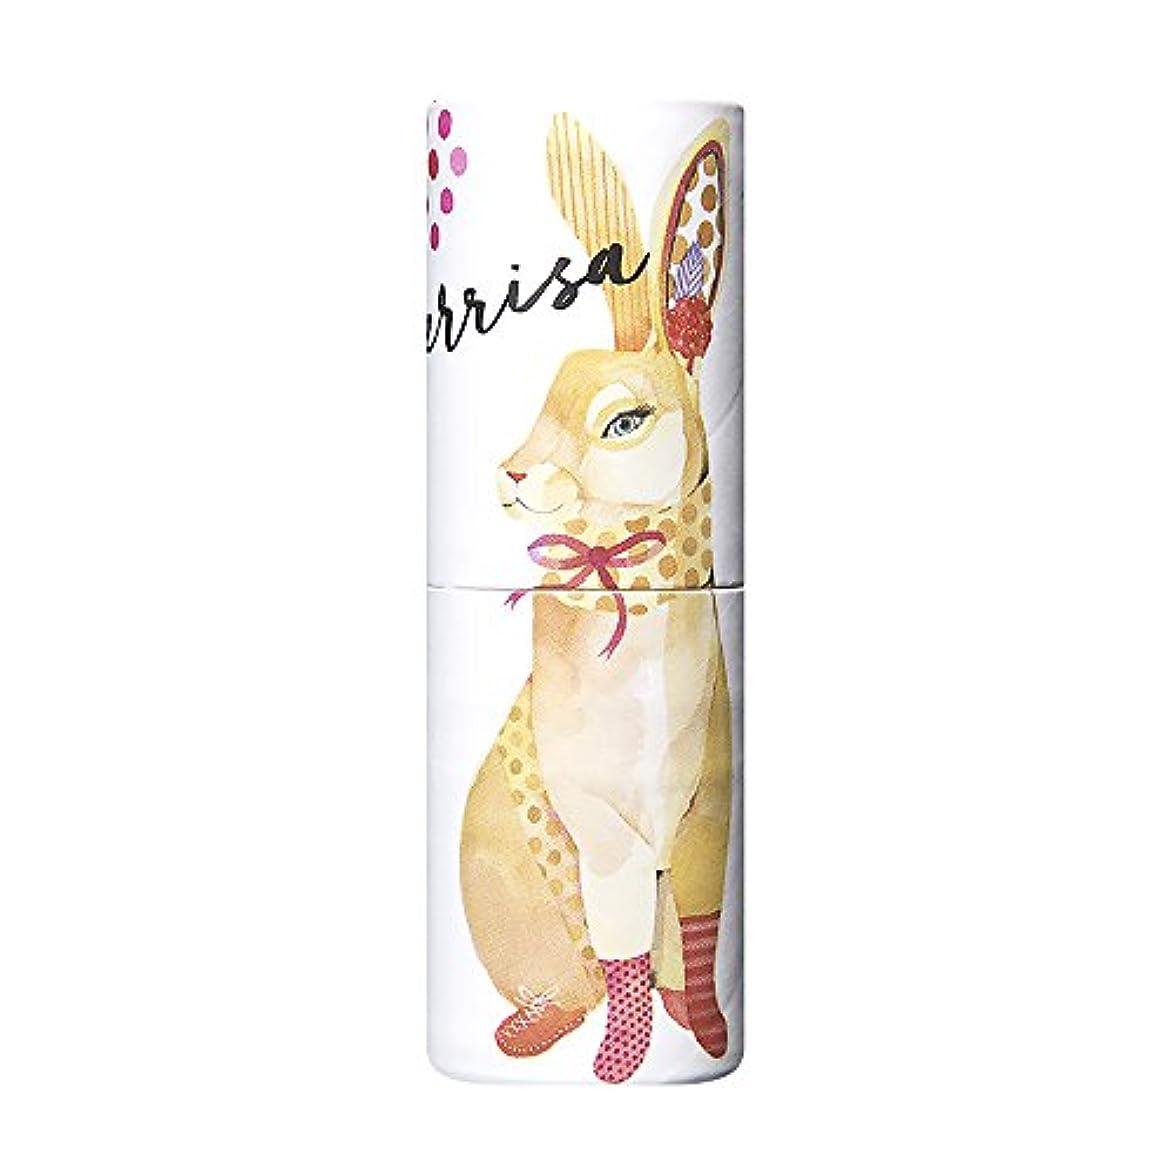 確認ペイント性別ヴァシリーサ  パフュームスティック メリッサ ウサギ  練香水 5g